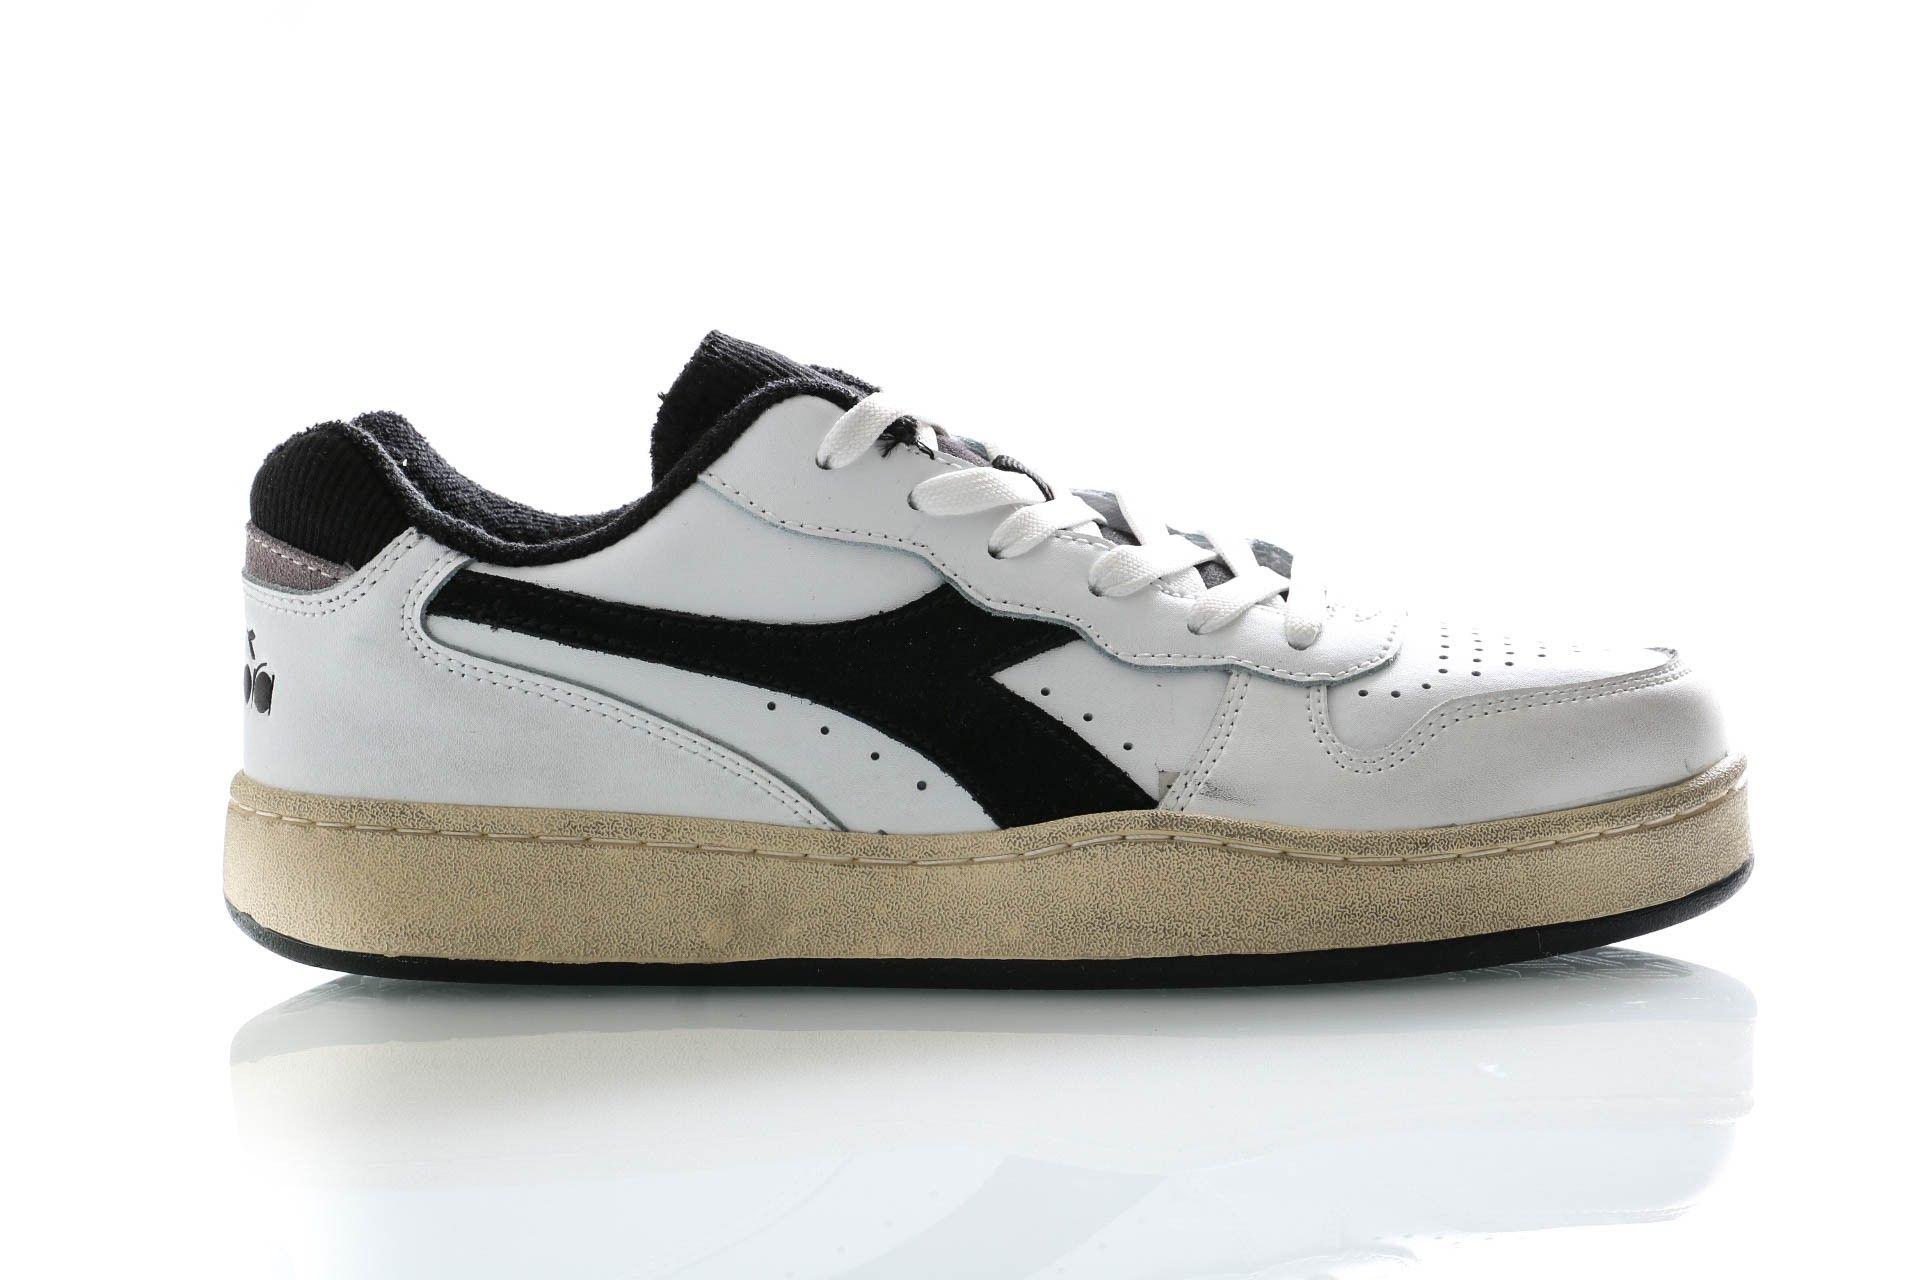 Afbeelding van Diadora Sneakers Mi Basket Low Used Optical White/Black 501175757